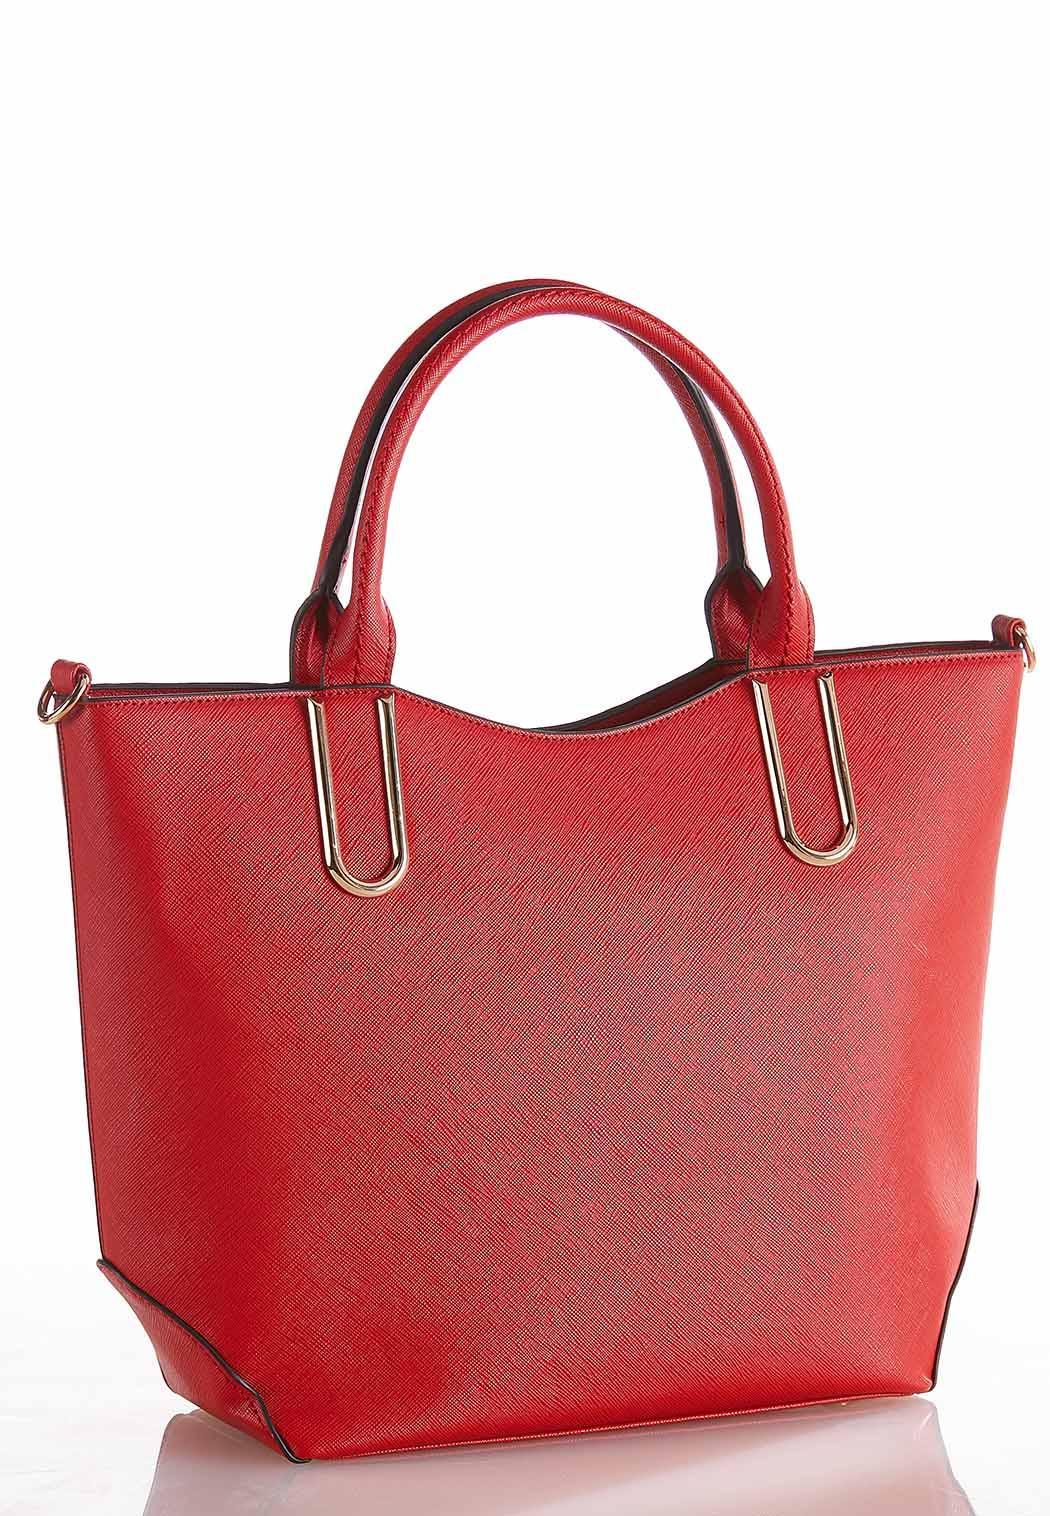 e53bf10fddf5 Hardware Detail Red Tote Handbags Cato Fashions